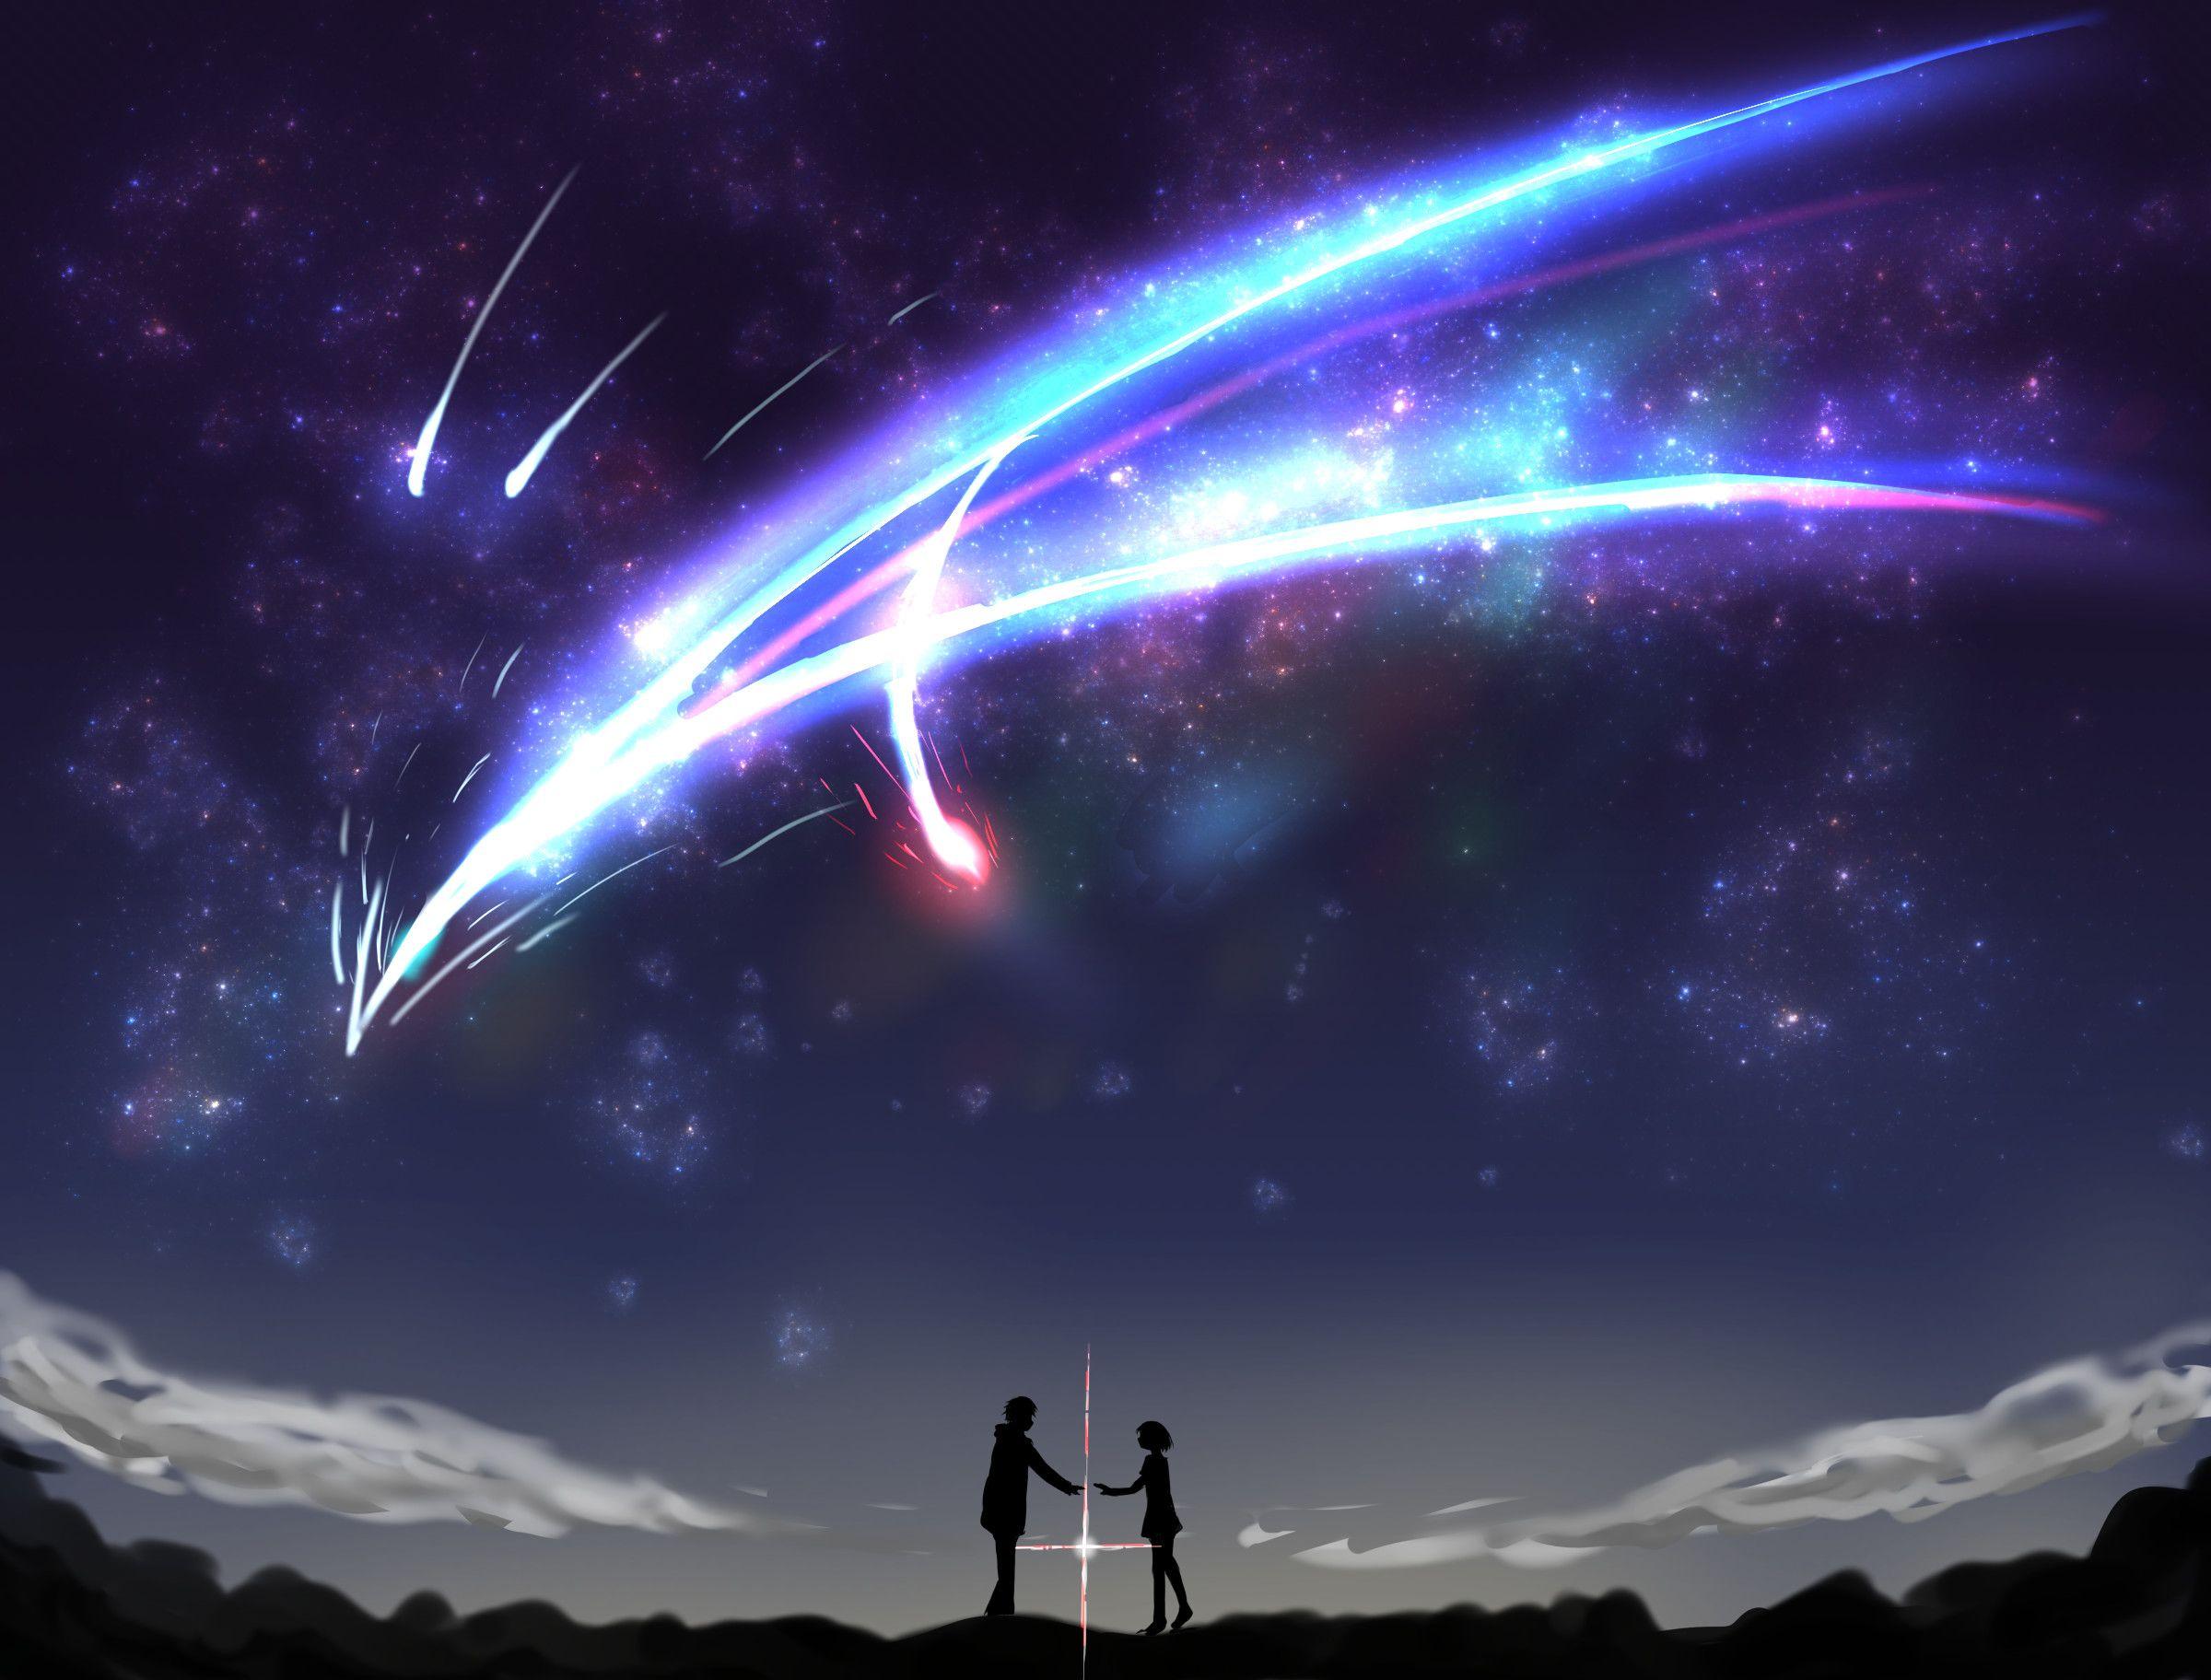 2400x1824 Anime Your Name Kimi No Na Wa Mitsuha Miyamizu Taki Tachibana Wallpaper Kimi No Na Wa Wallpaper Your Name Anime Name Wallpaper